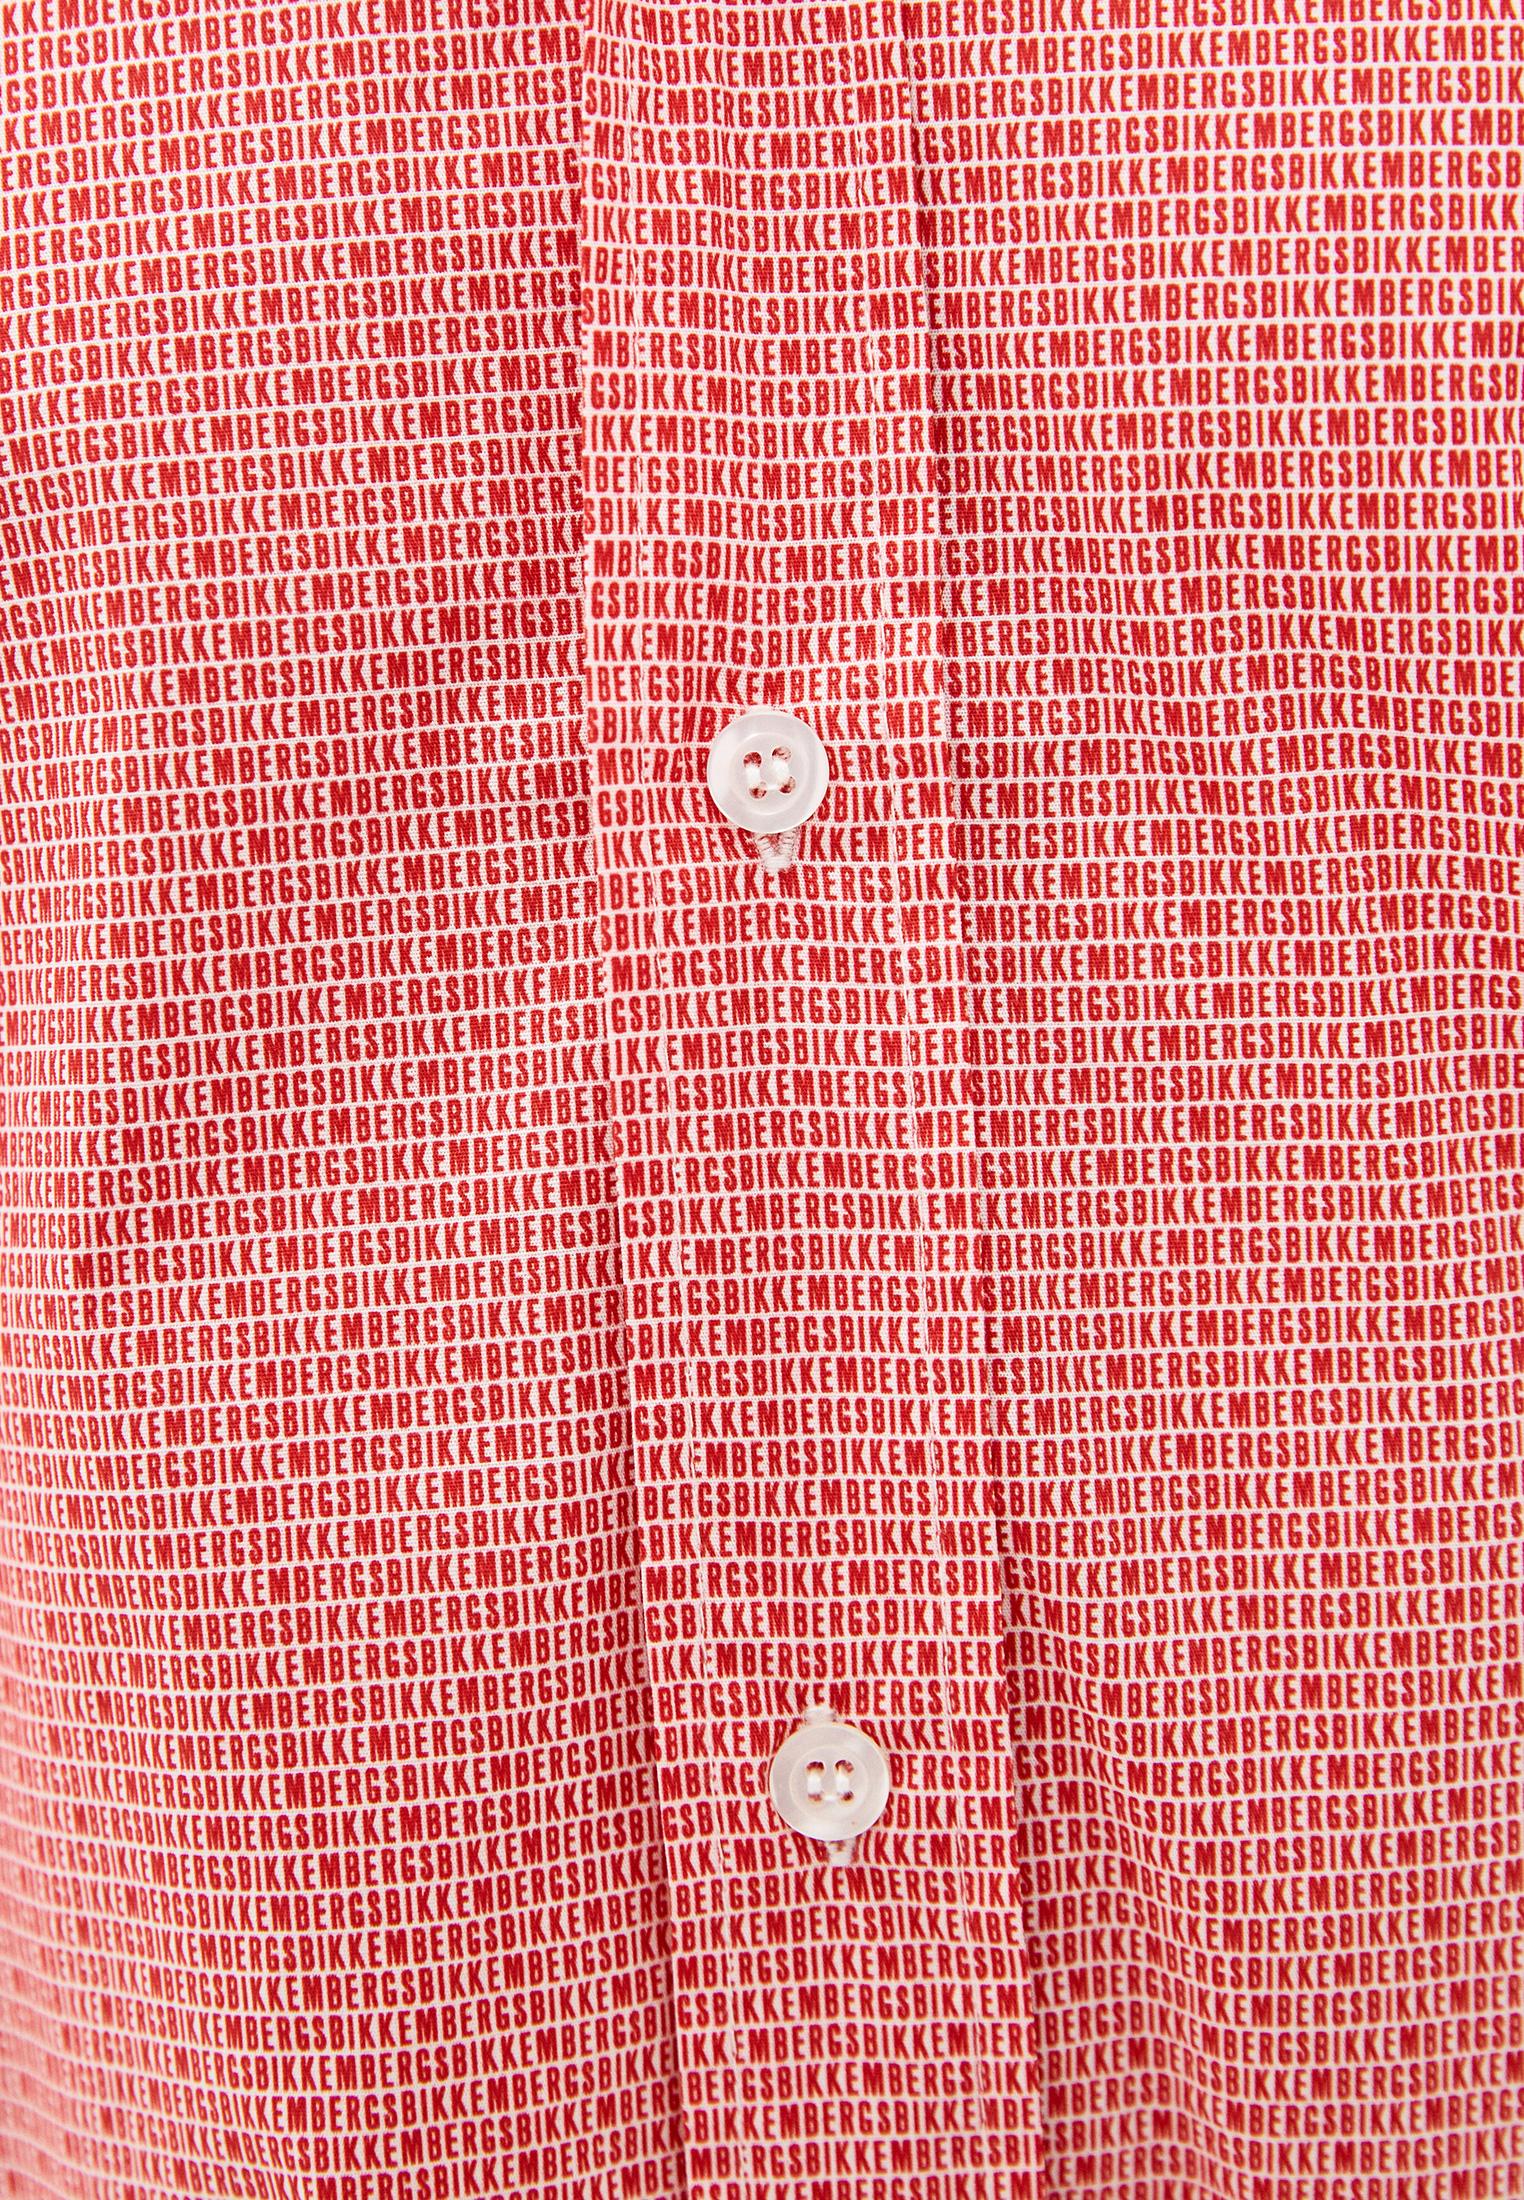 Рубашка с коротким рукавом Bikkembergs (Биккембергс) C C 026 00 S 3353: изображение 5